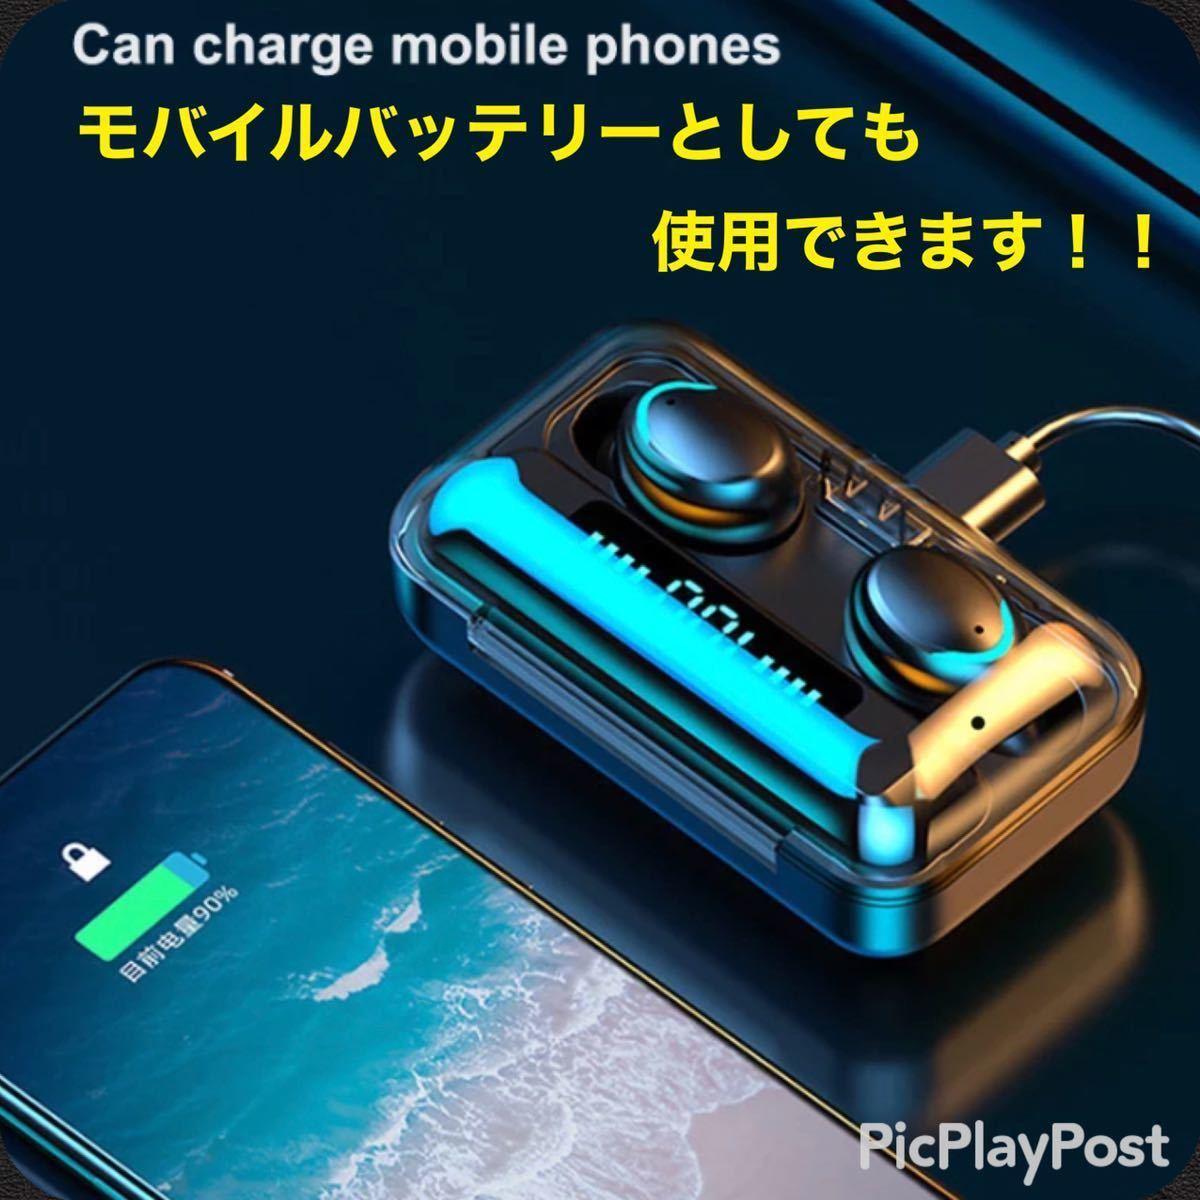 即日発送 2020最新版 ワイヤレスイヤホン イヤフォン Bluetooth 5.0 Hi-Fi 高音質 IPX5防水 モバイルバッテリーiPhone 12 Android_画像2